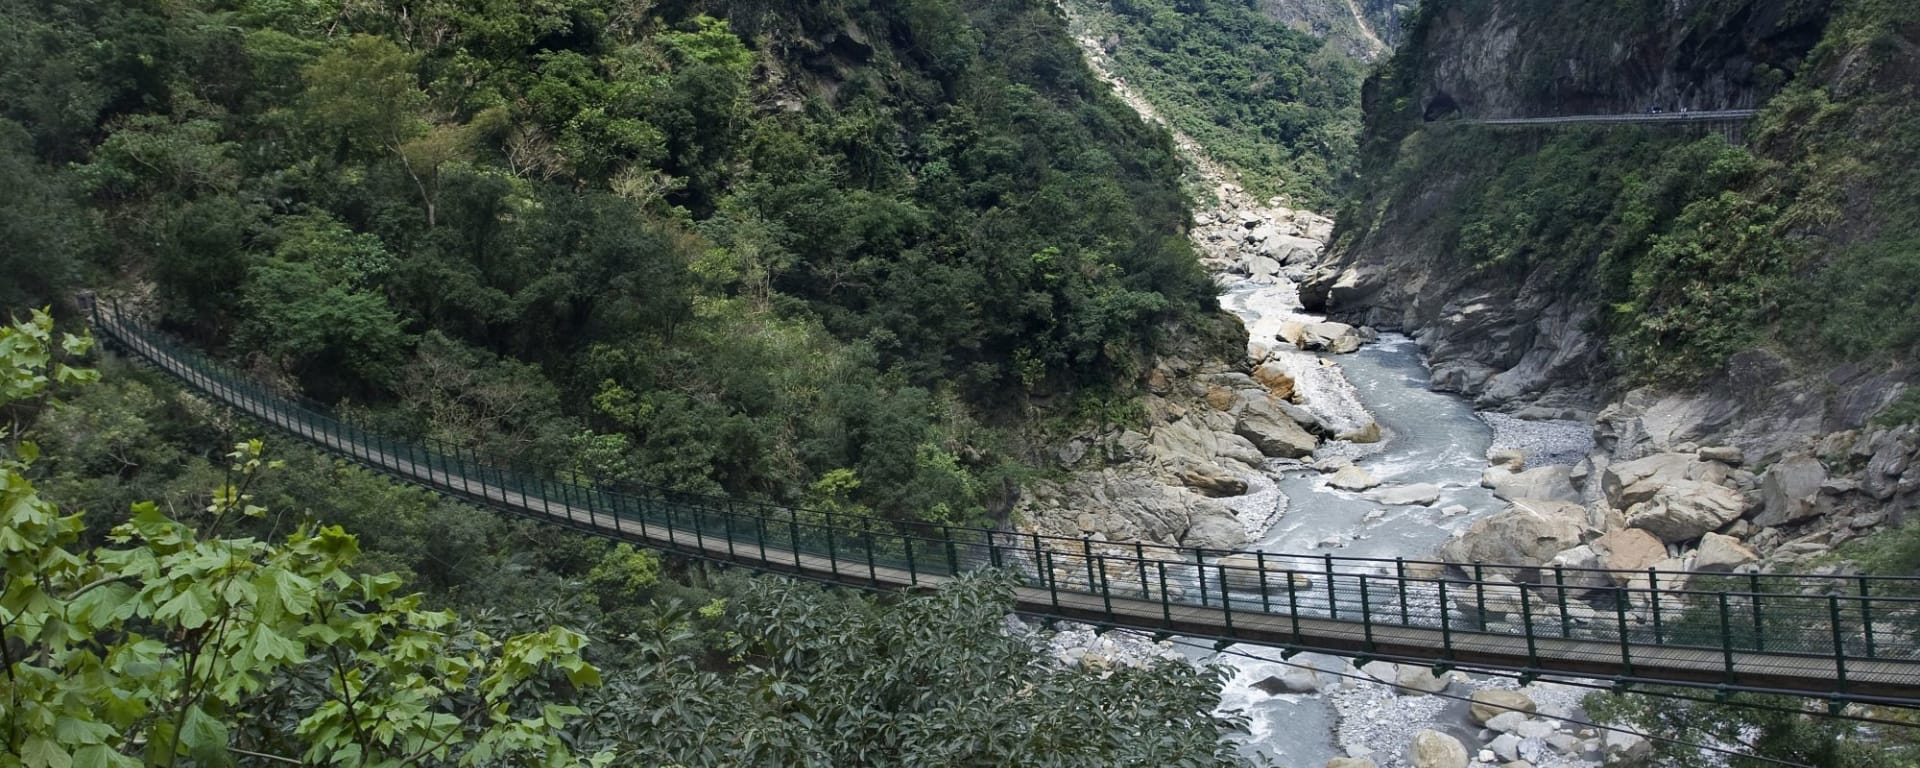 Naturwunder Taroko Schlucht in Taipei: Taroko gorge